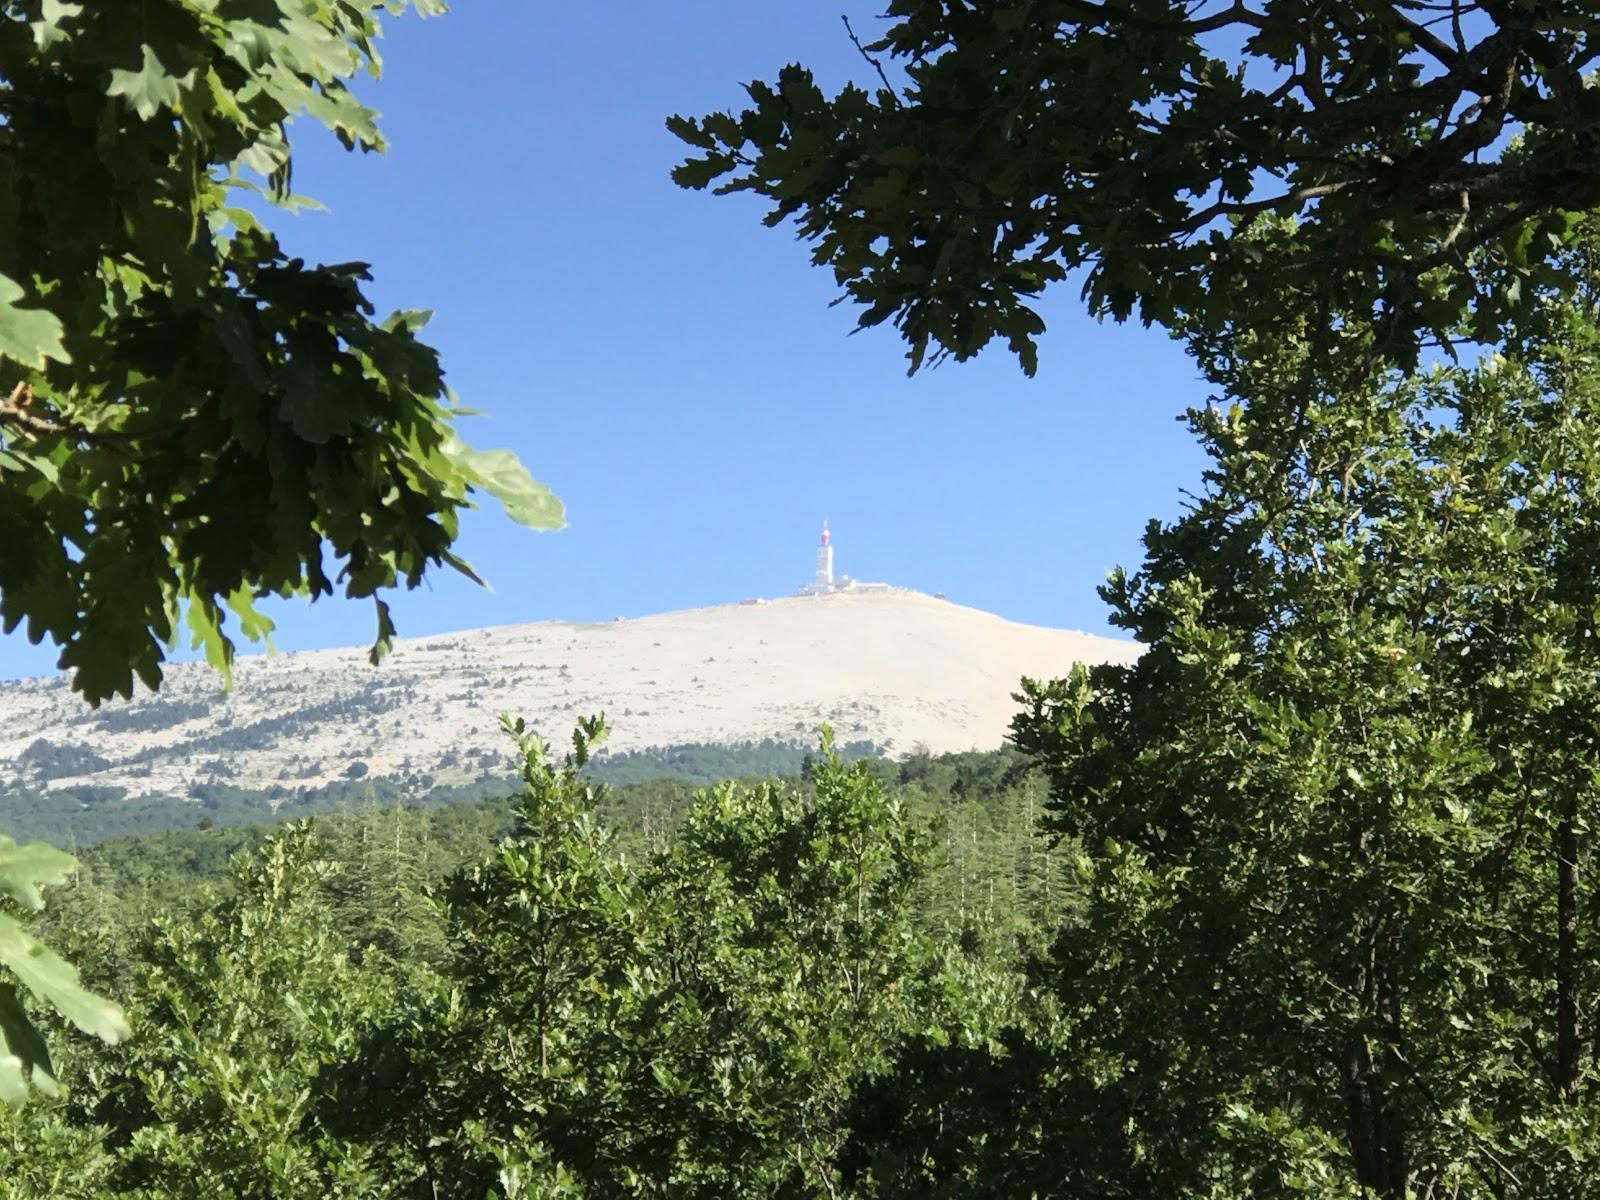 Mont Ventoux radio tower through trees